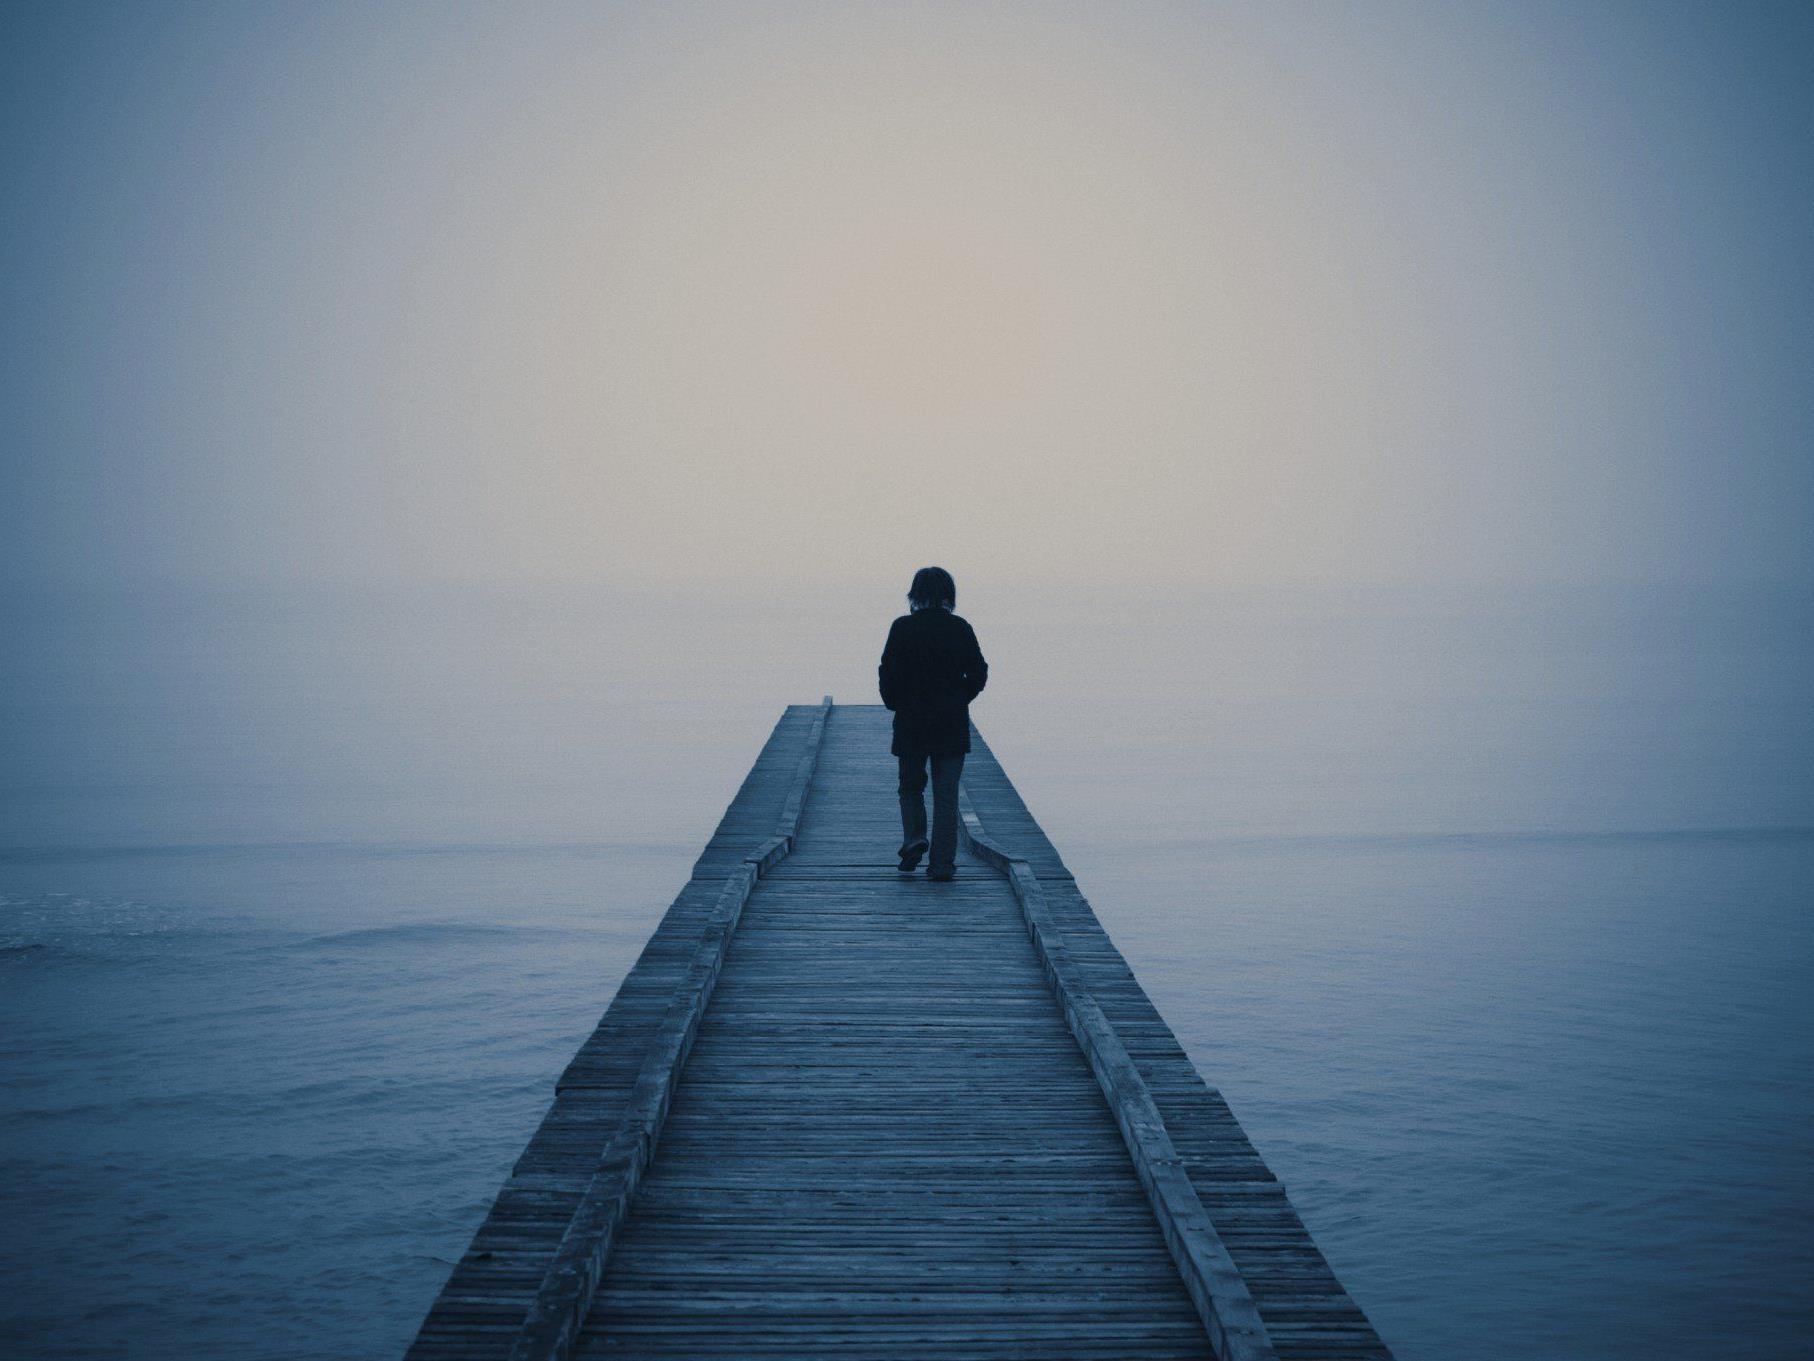 """Die Diagnose """"psychisch krank"""" ruft bei Betroffenen oft große Angst vor sozialer Abgrenzung hervor."""